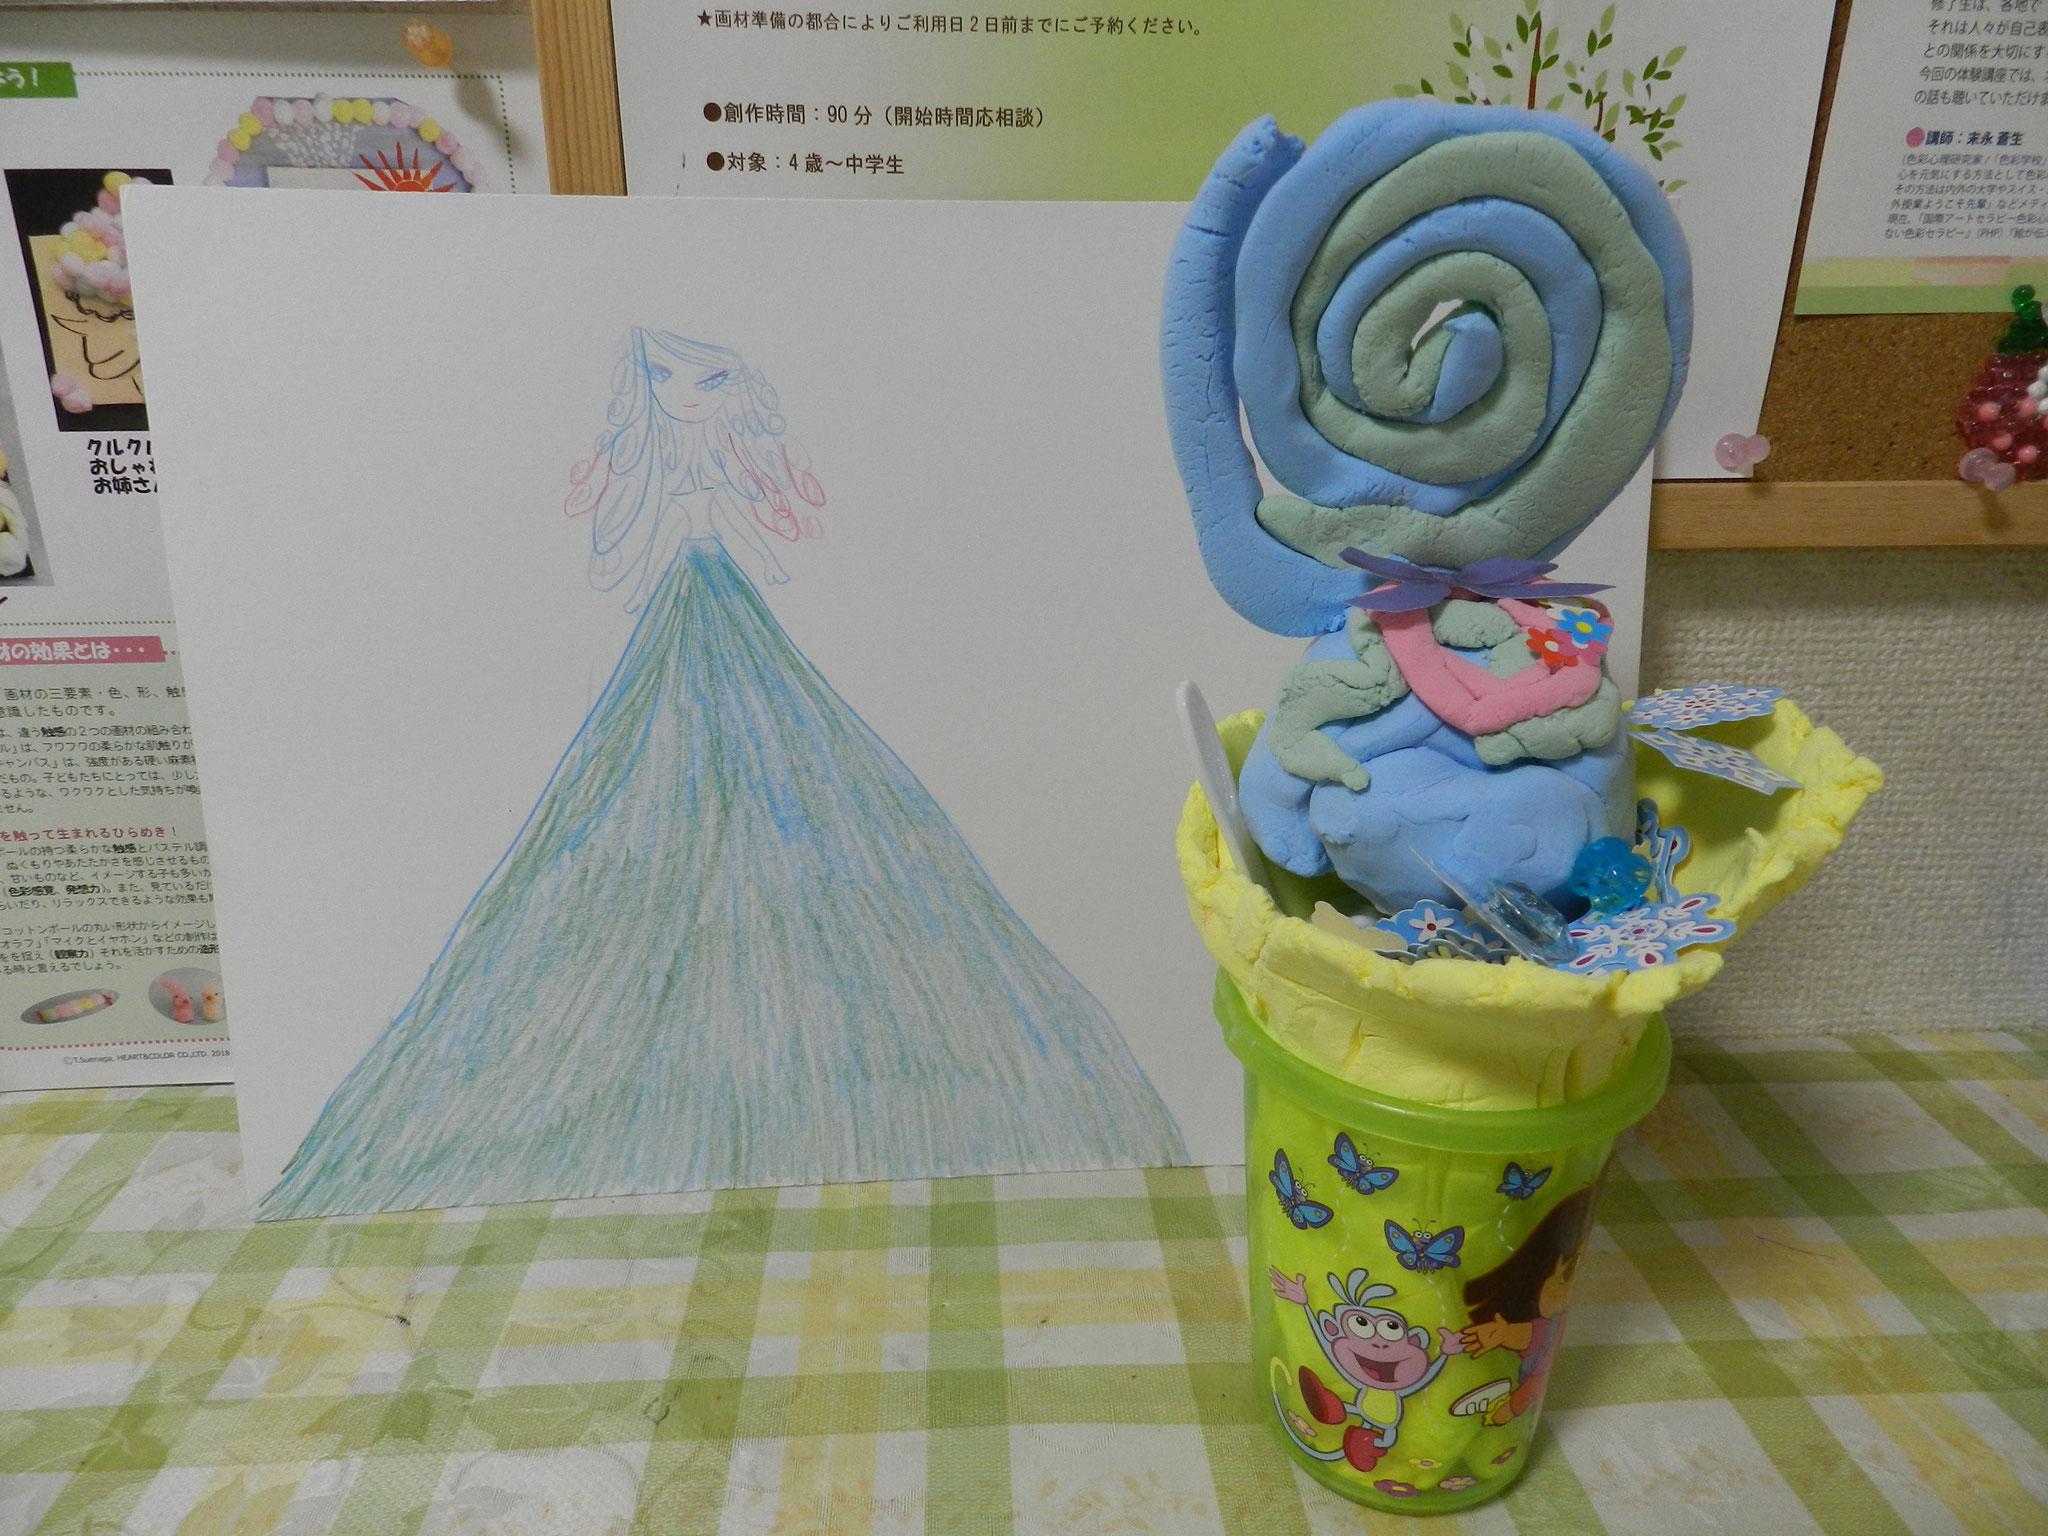 憧れのプリンセスと大好きなアイスクリーム(年長さん)